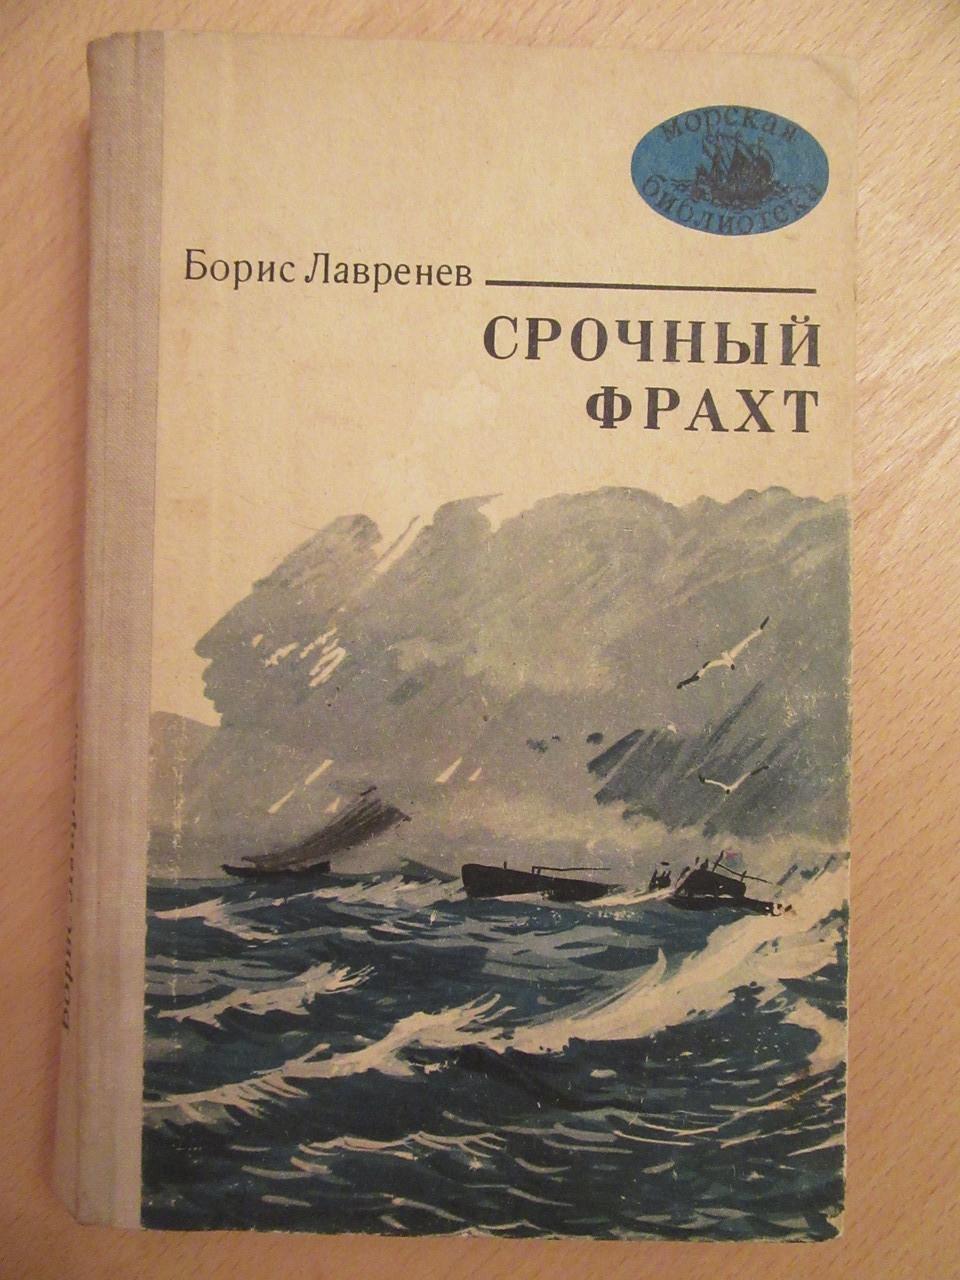 Борис Лавренев. Срочный фрахт. Морская библиотека